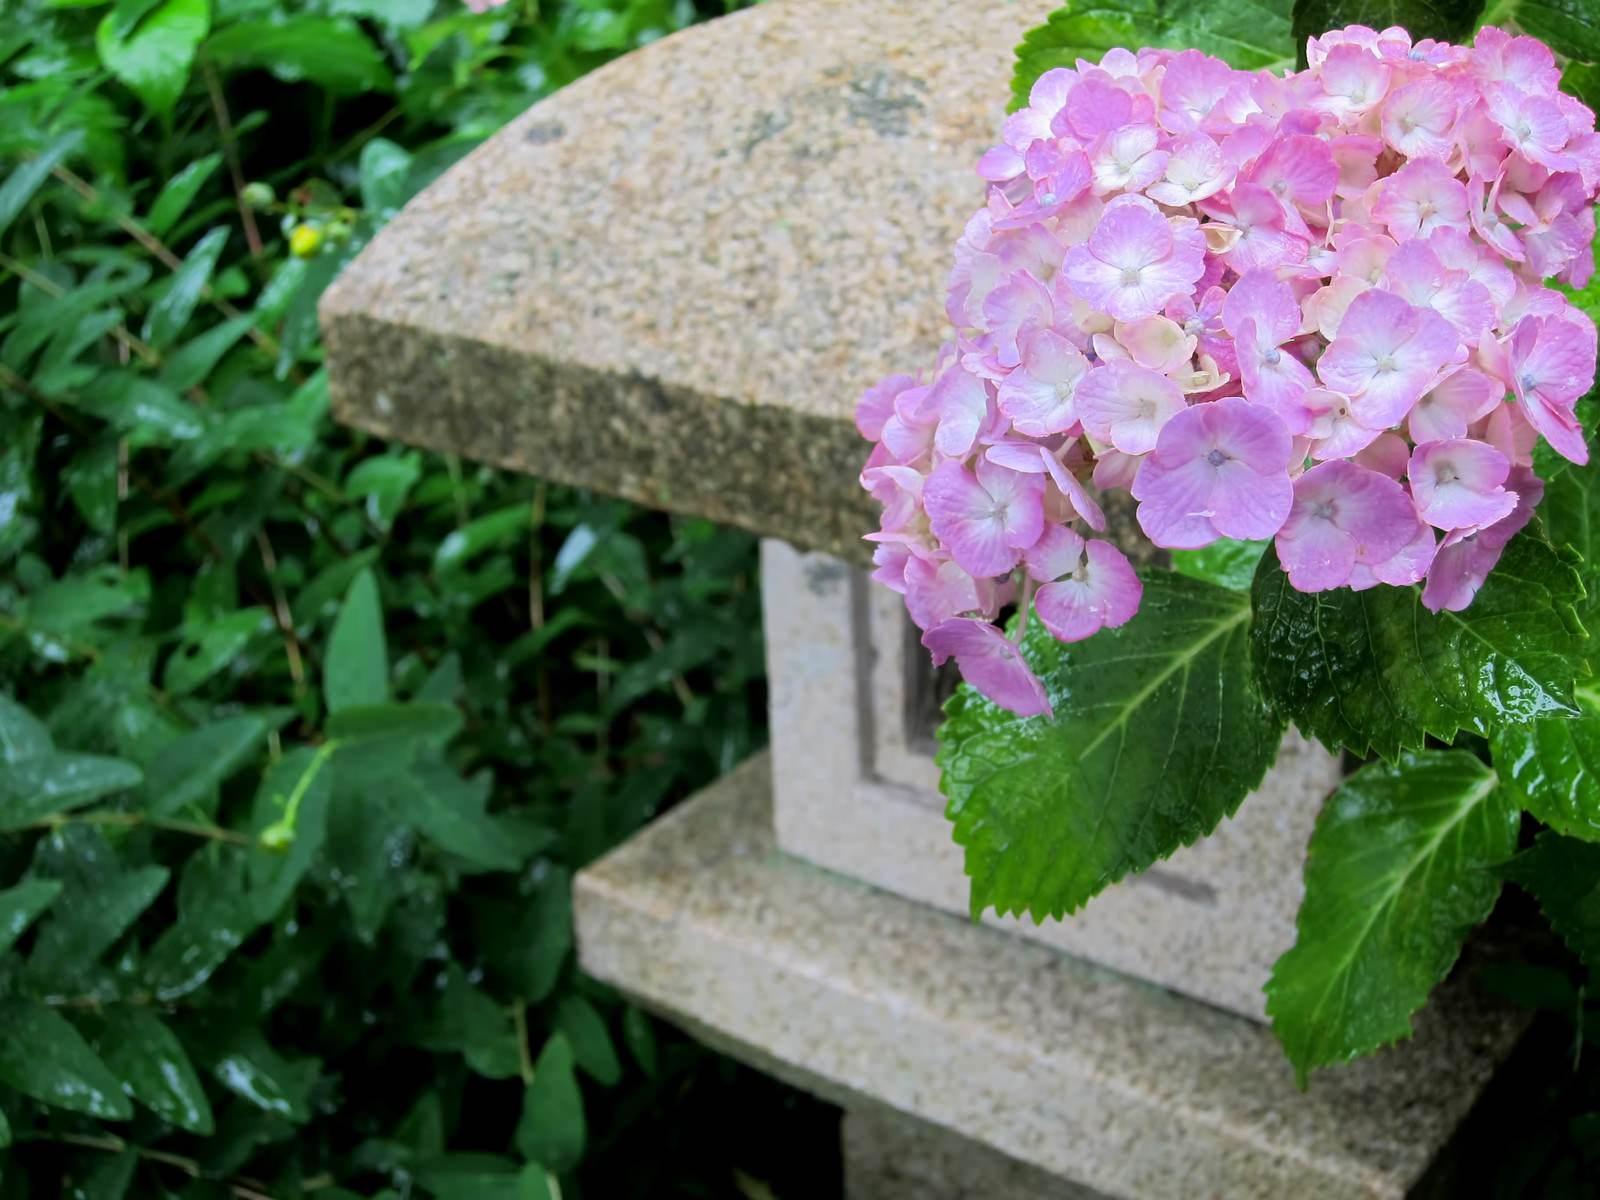 「薄いピンクの紫陽花と灯籠薄いピンクの紫陽花と灯籠」のフリー写真素材を拡大